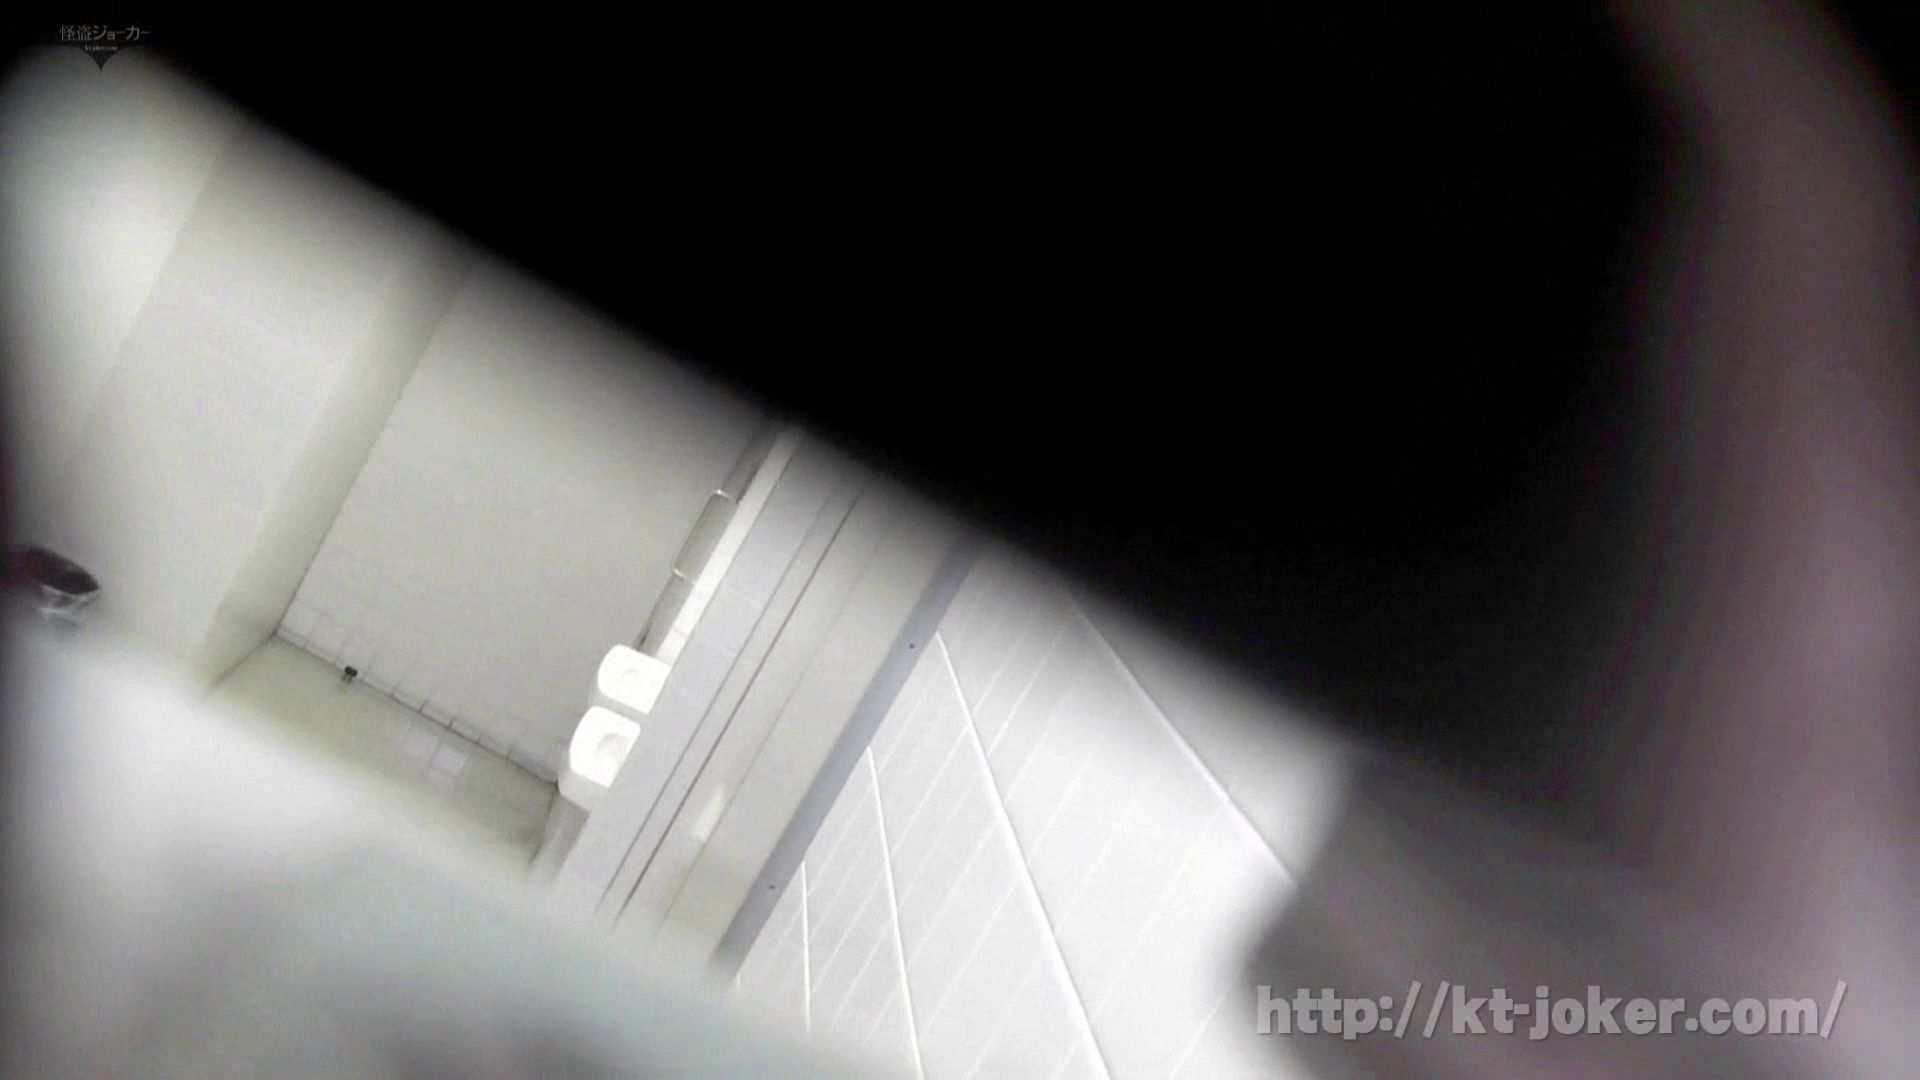 命がけ潜伏洗面所! vol.65 無謀に通路に飛び出て一番明るいフロント撮り実現、見所満載 OLヌード天国 | プライベート投稿  84PIX 55